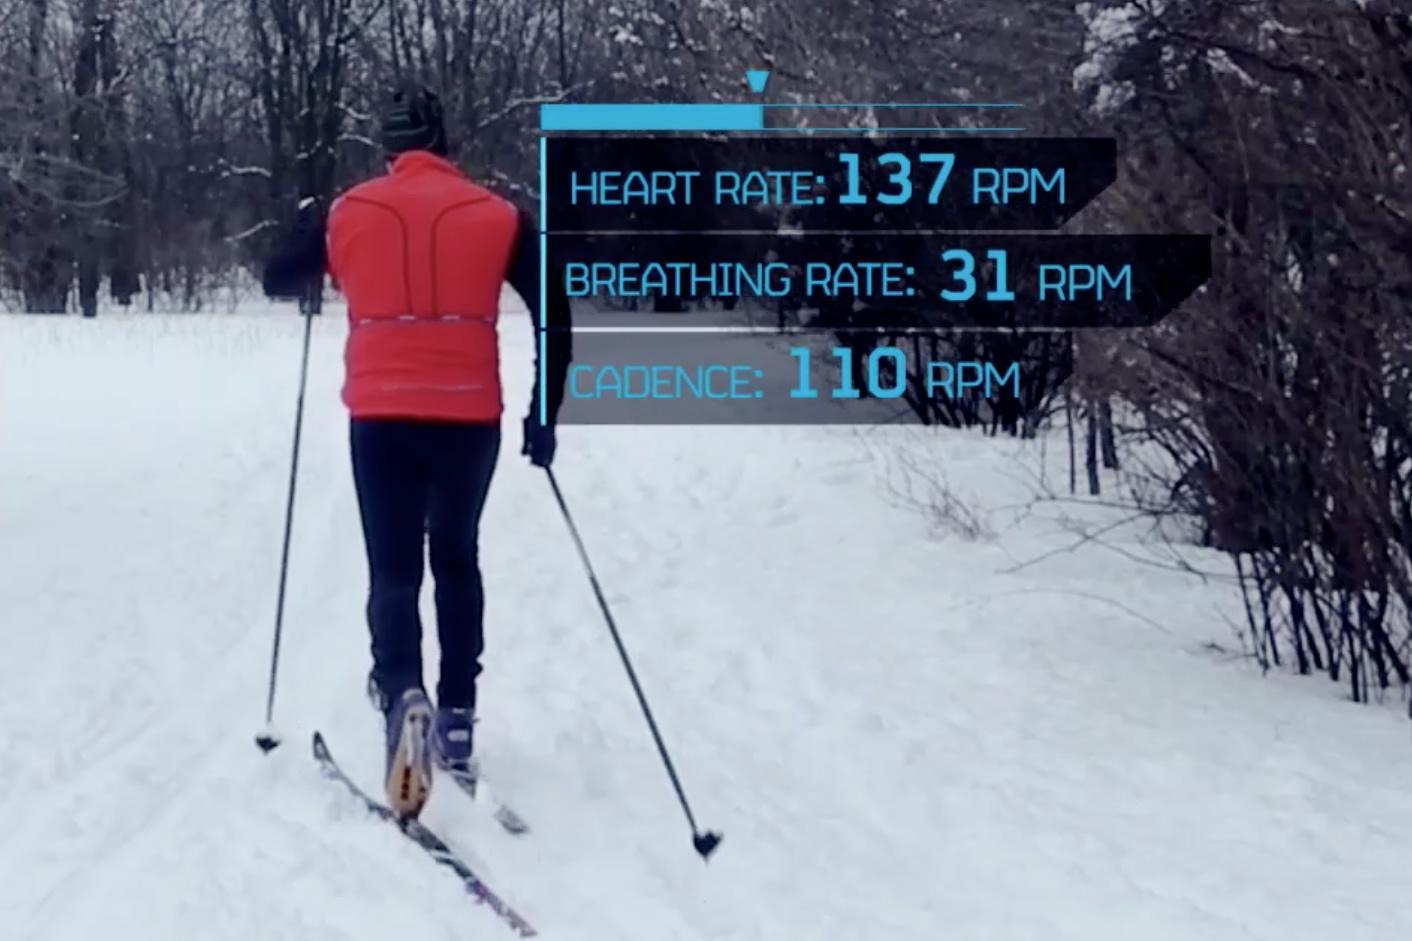 hexoskin-skiing